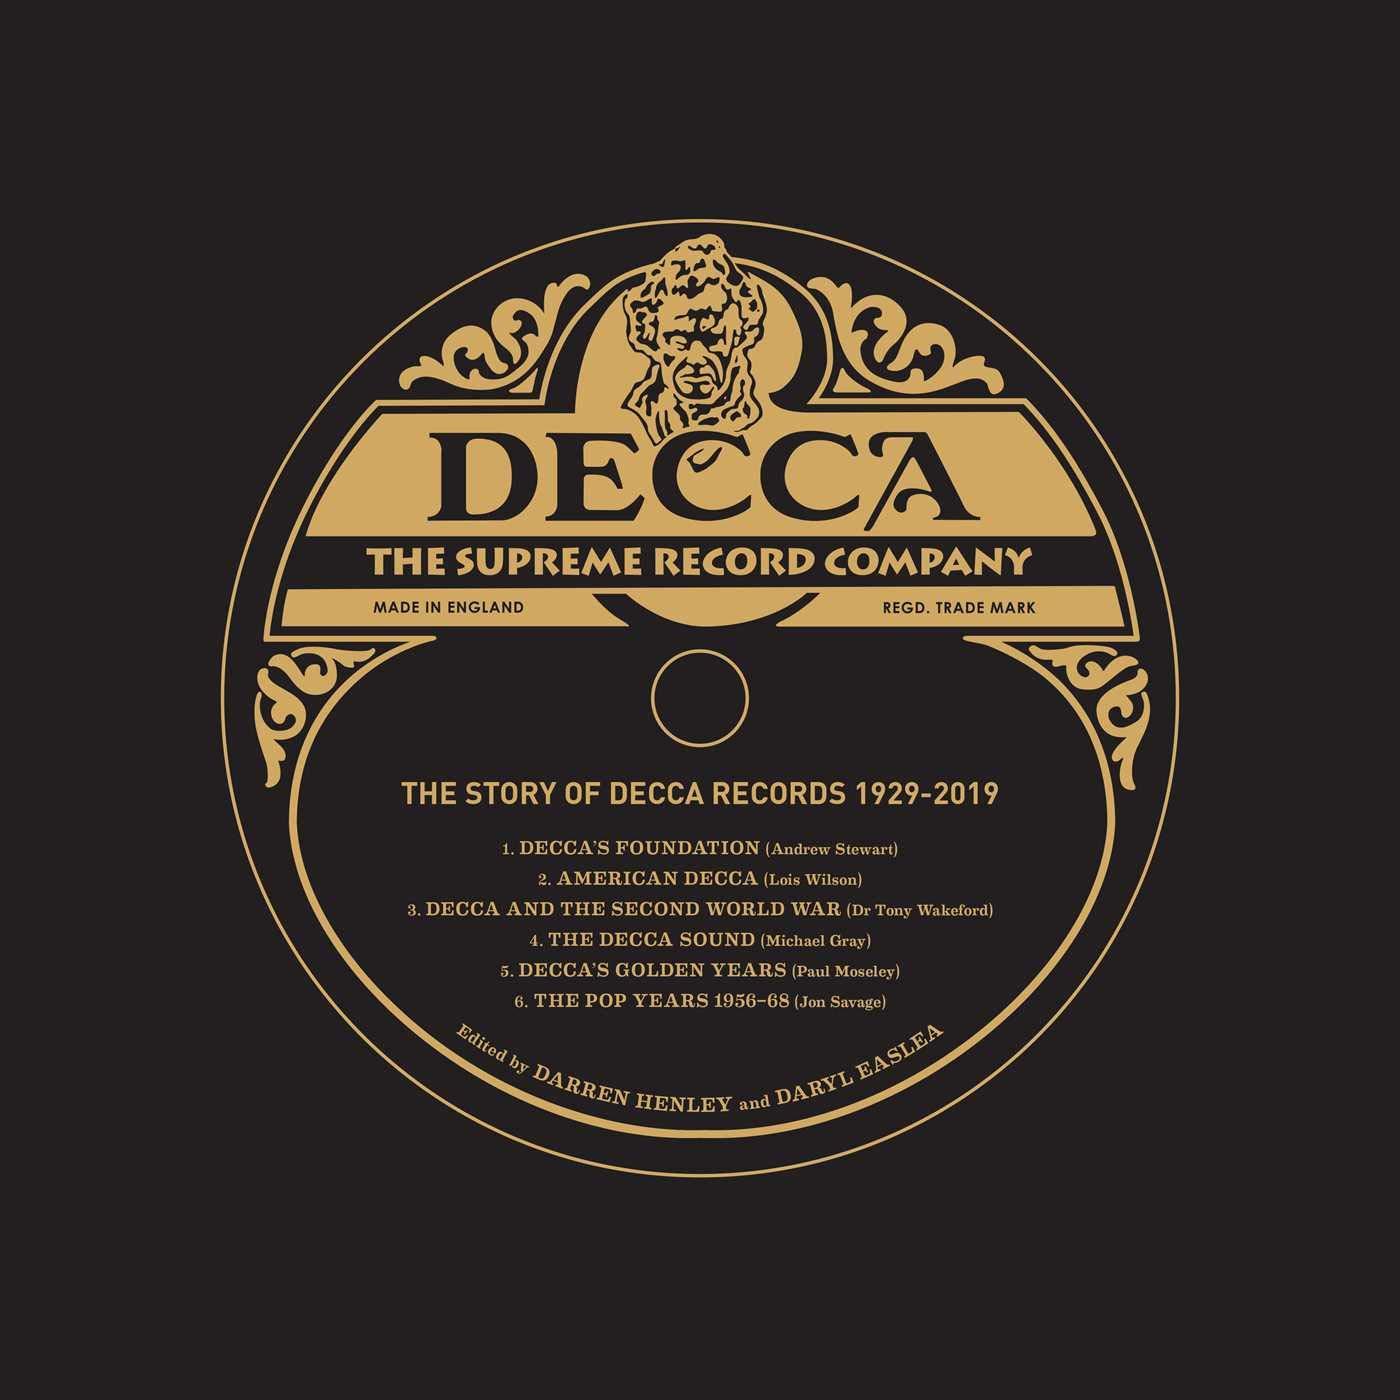 Decca: The Supreme Record Company - The Story of Decca